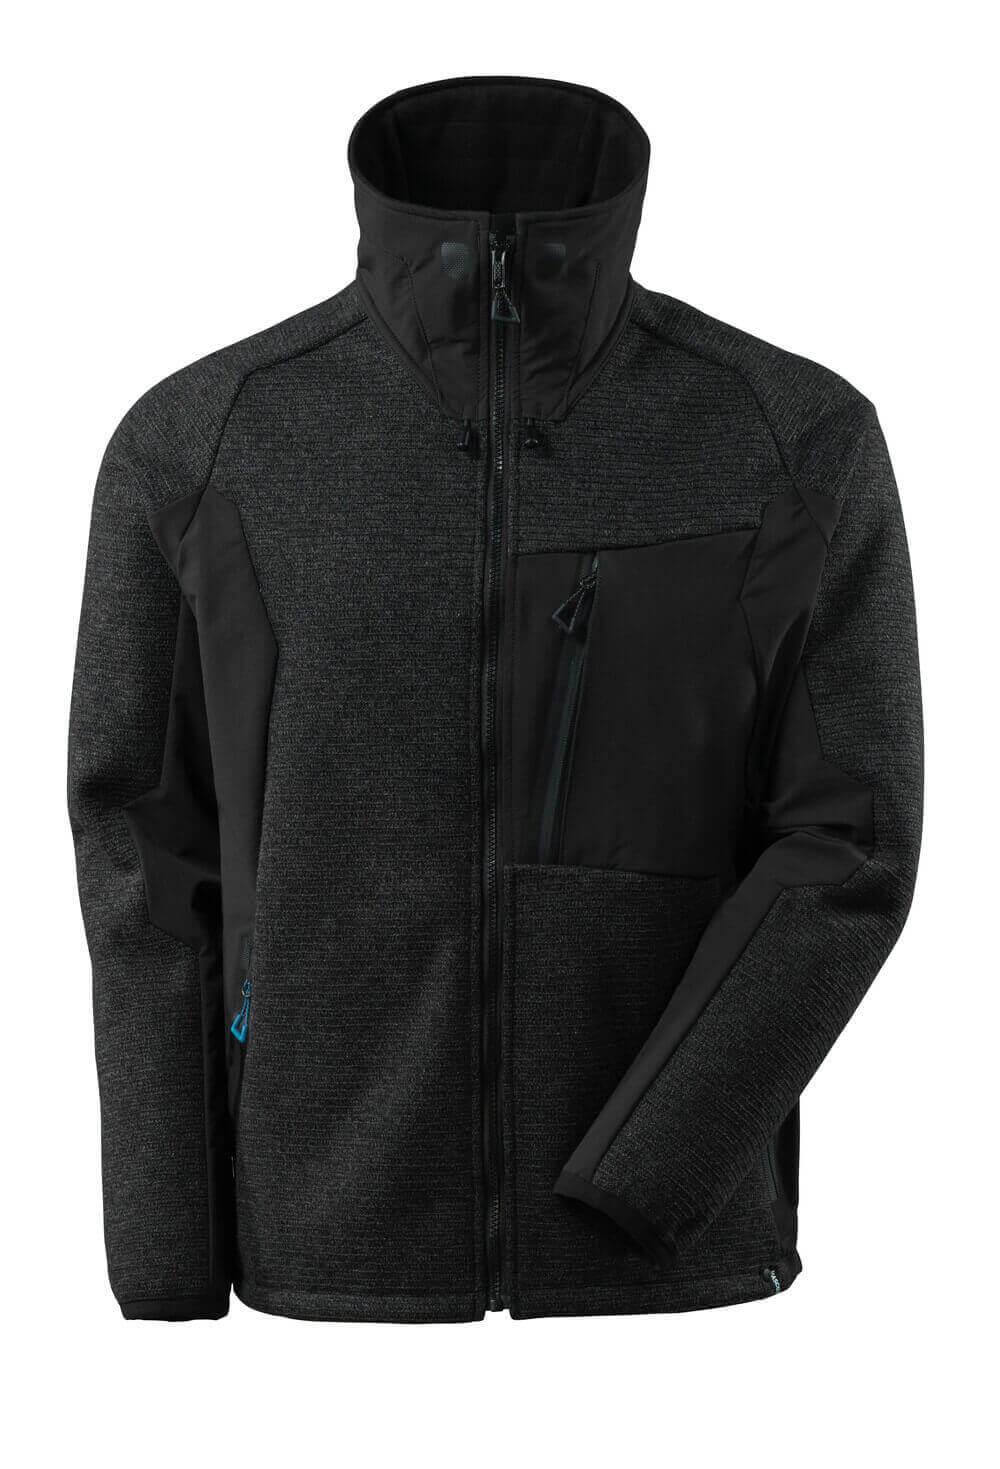 Veste en tricot, zippé, hydrofuge, Mascot